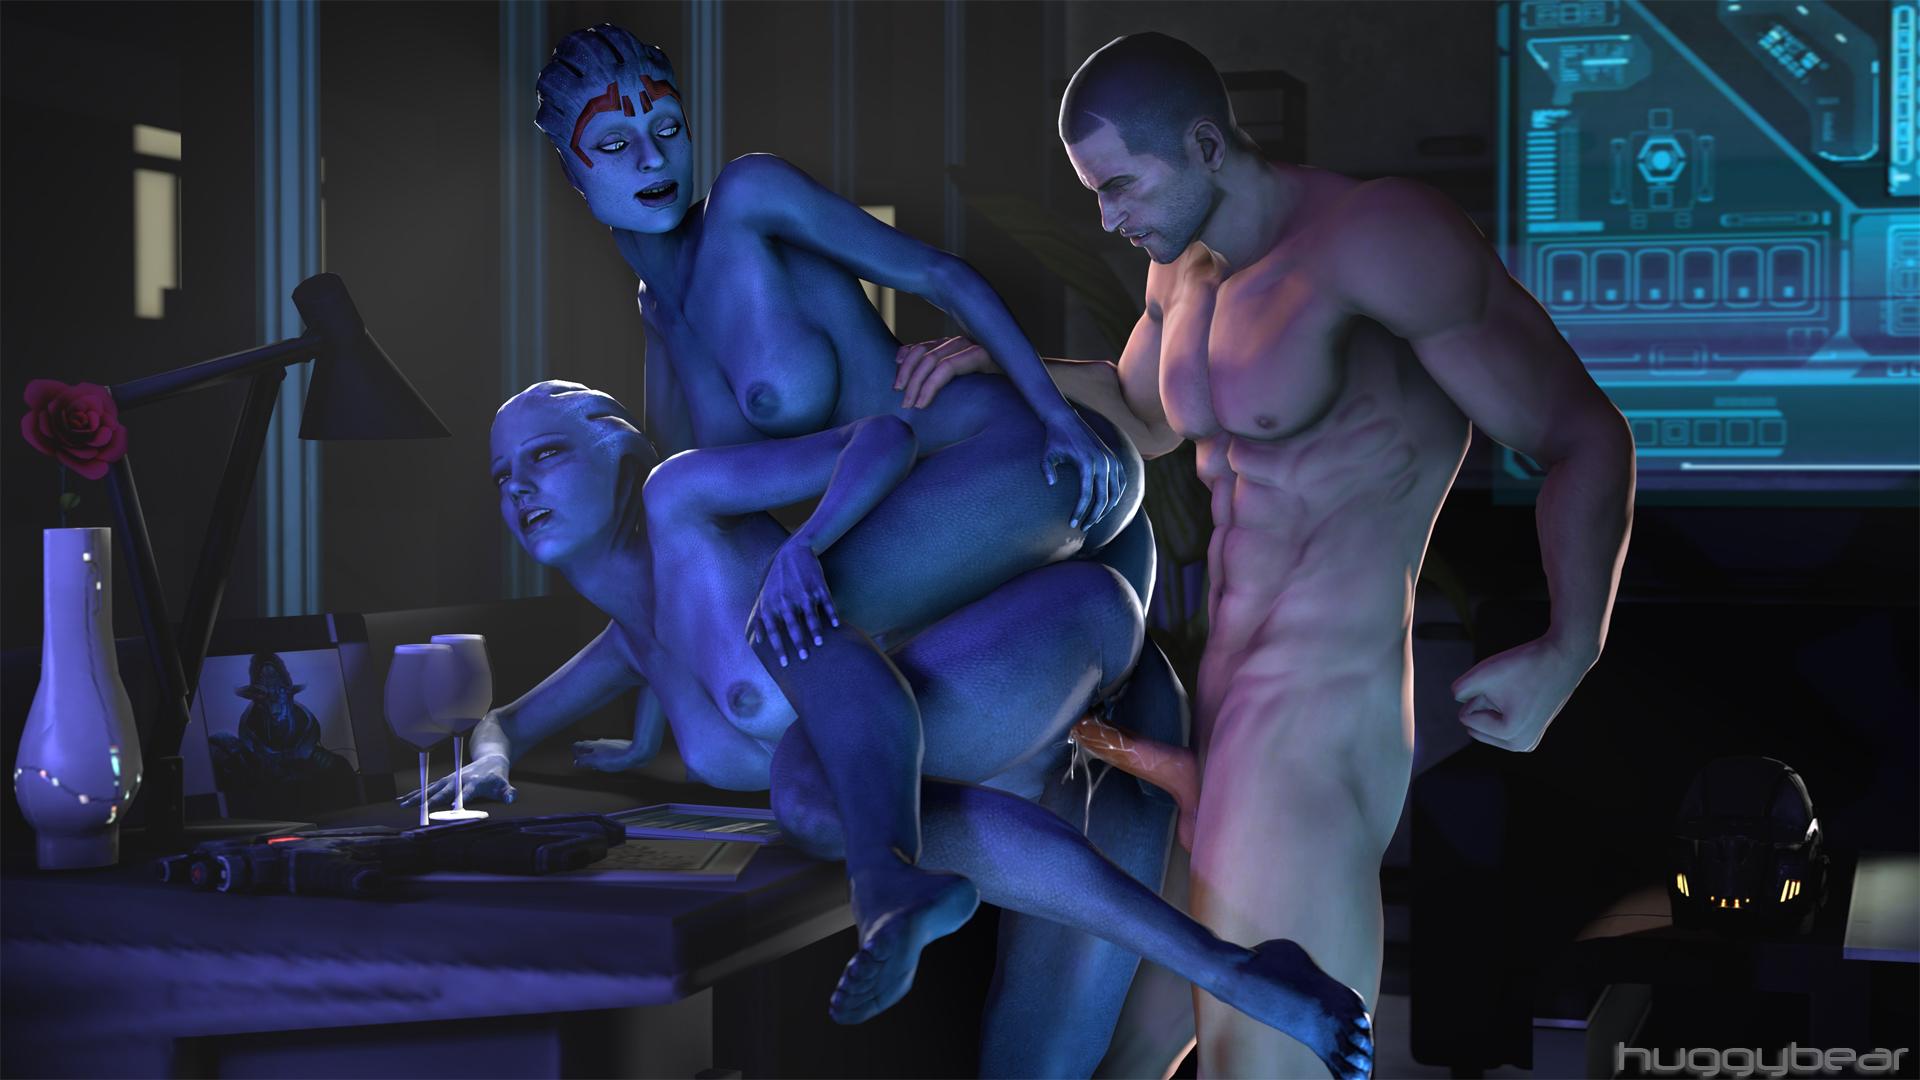 Порно игры онлайн, эротические игры и секс игры